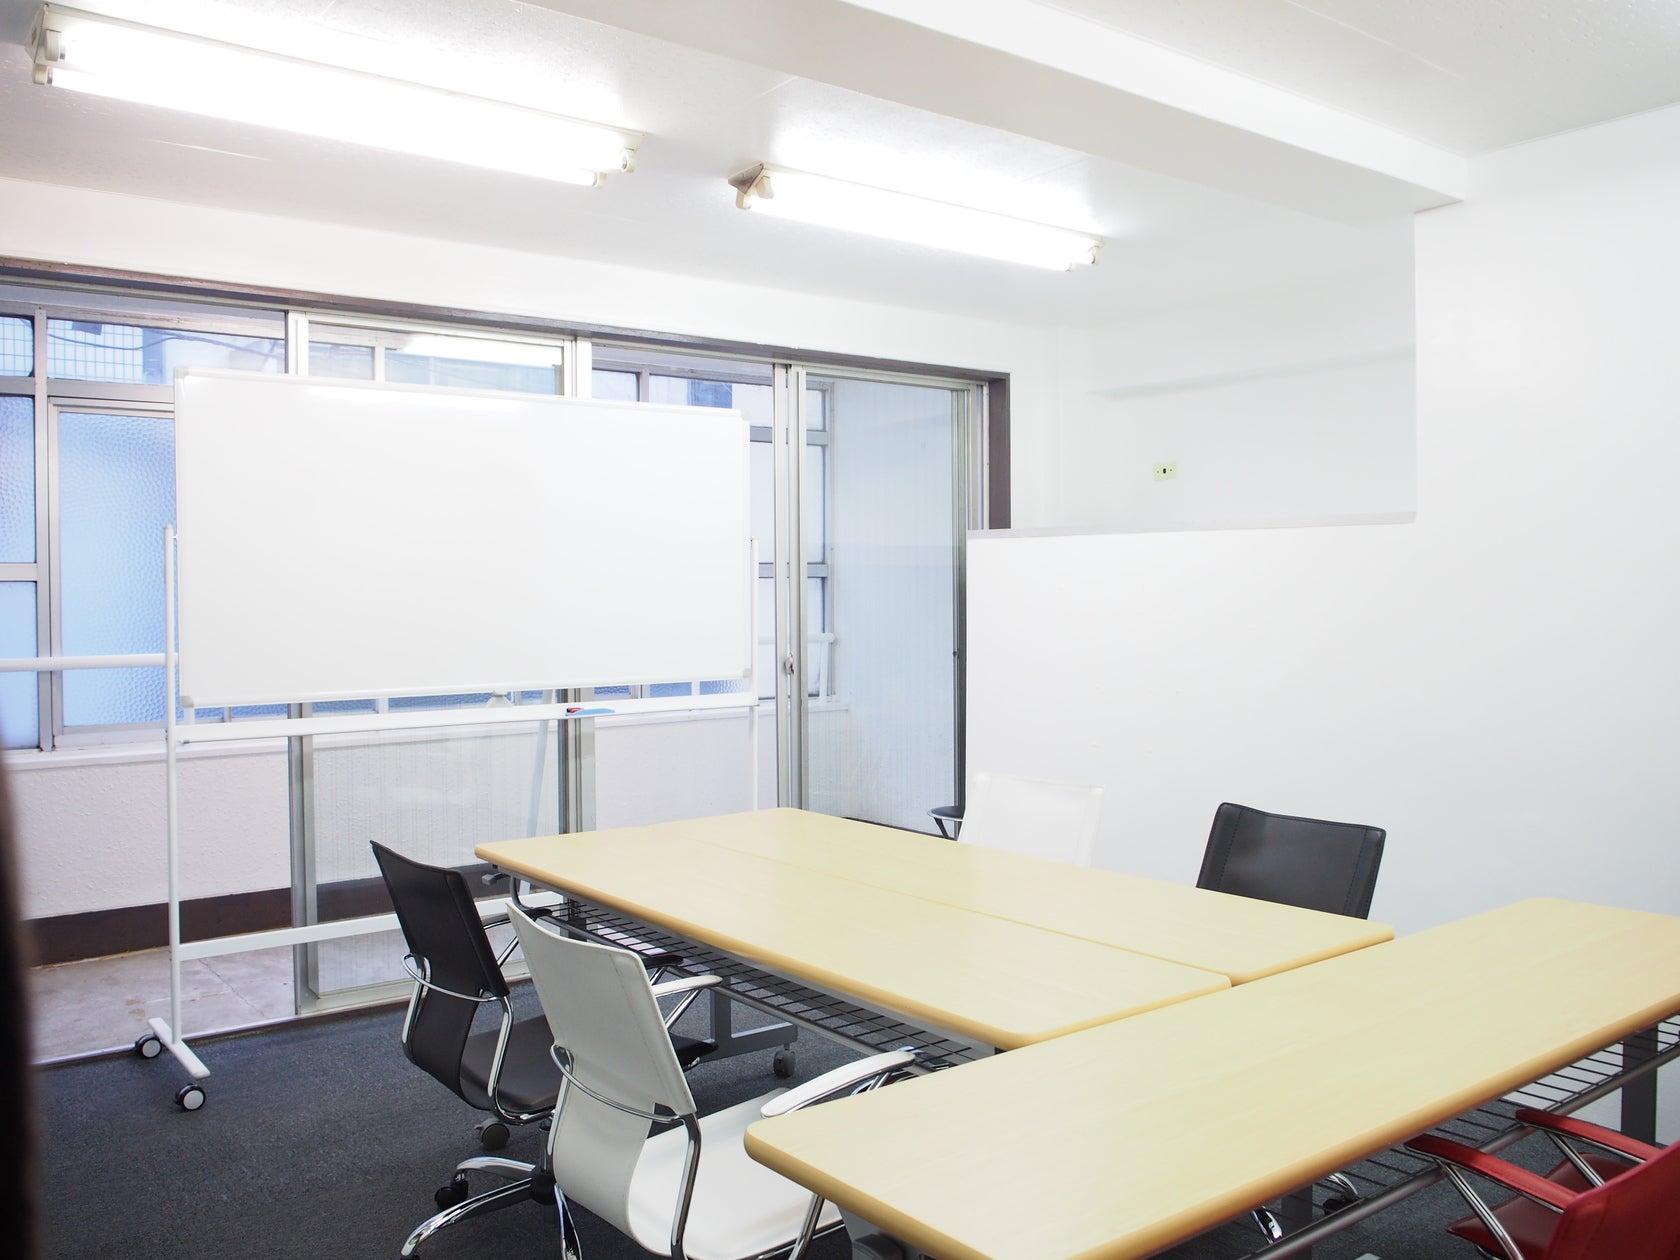 【西新宿駅 徒歩1分】レンタルスペース『Crave西新宿』 個室/最大12名/Wi-Fi の写真